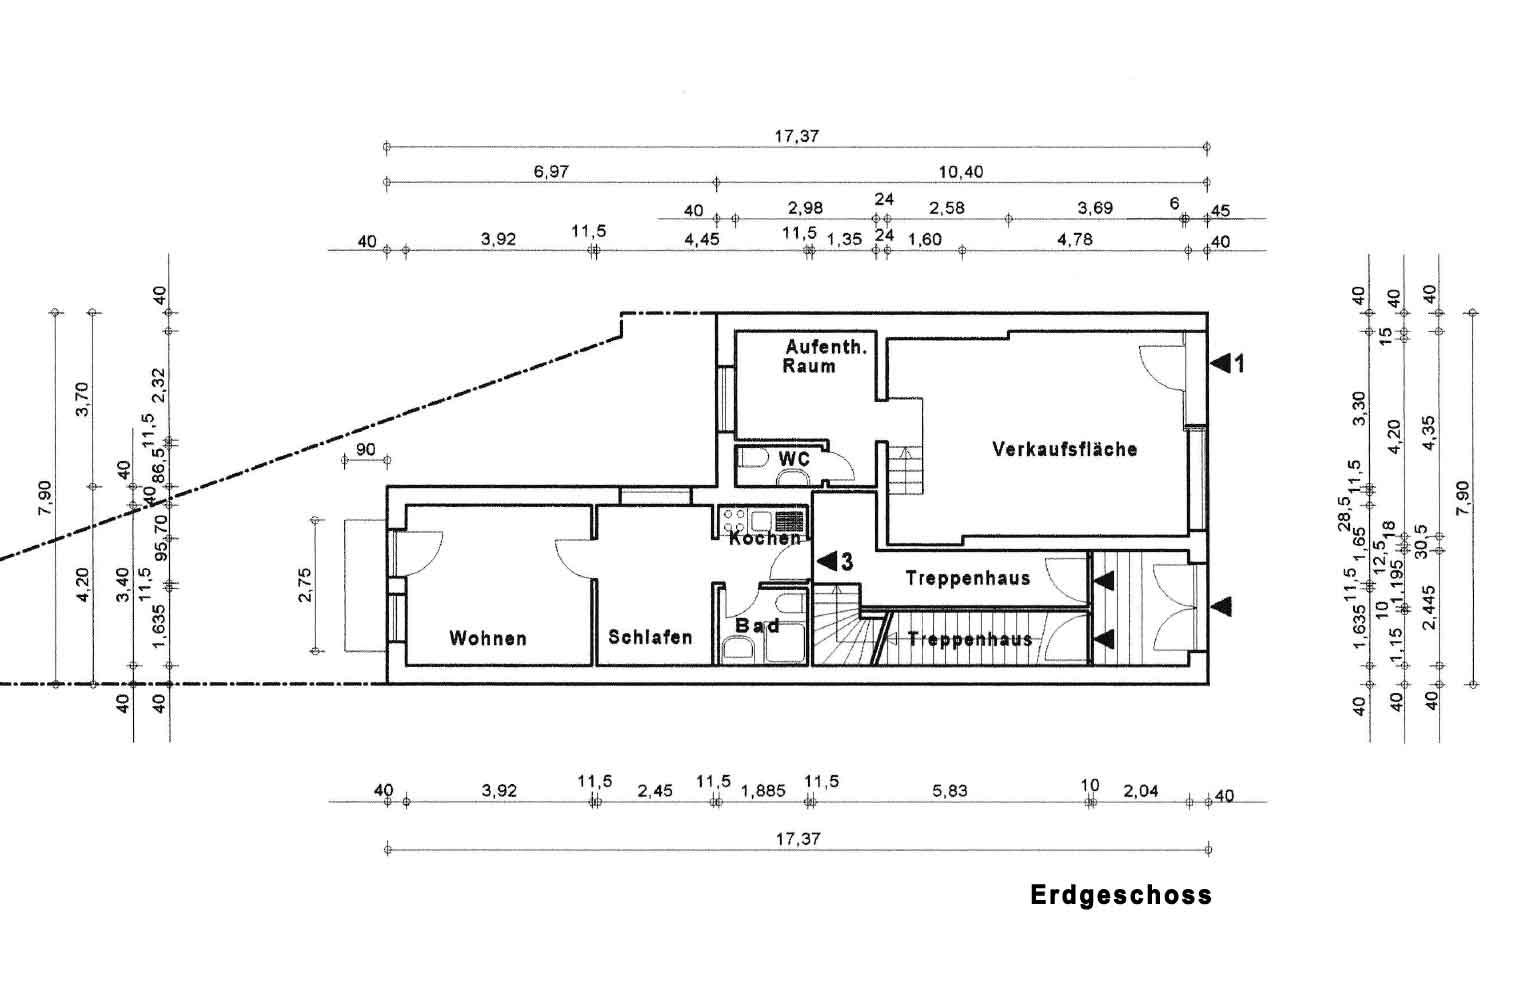 Parkallee 19, Bremen, Abbildung Erdgeschoss